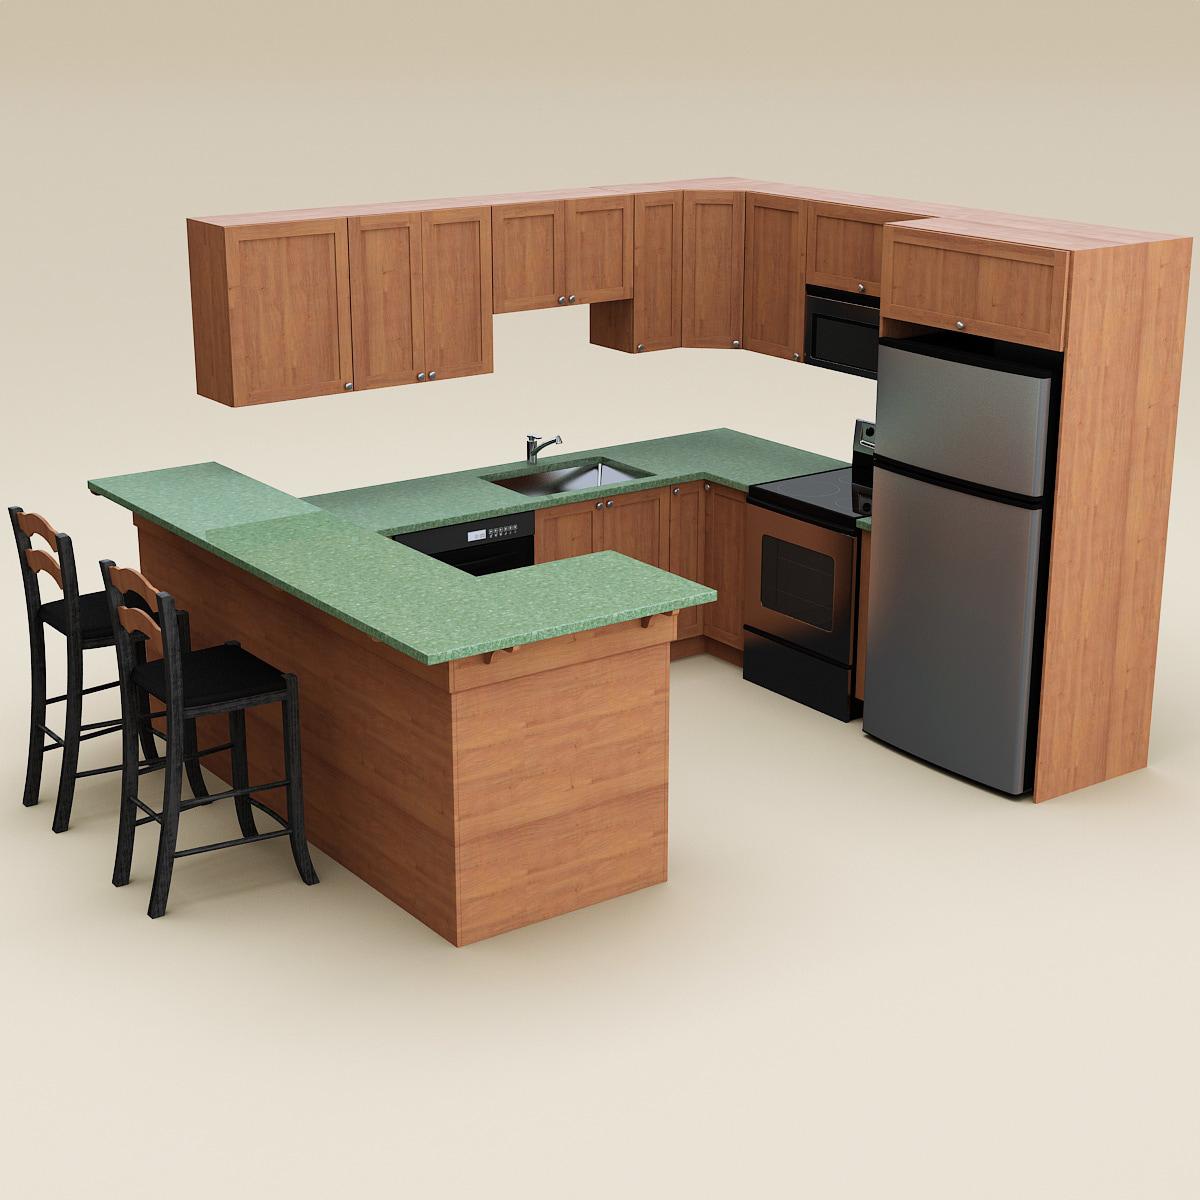 kitchen 17 max